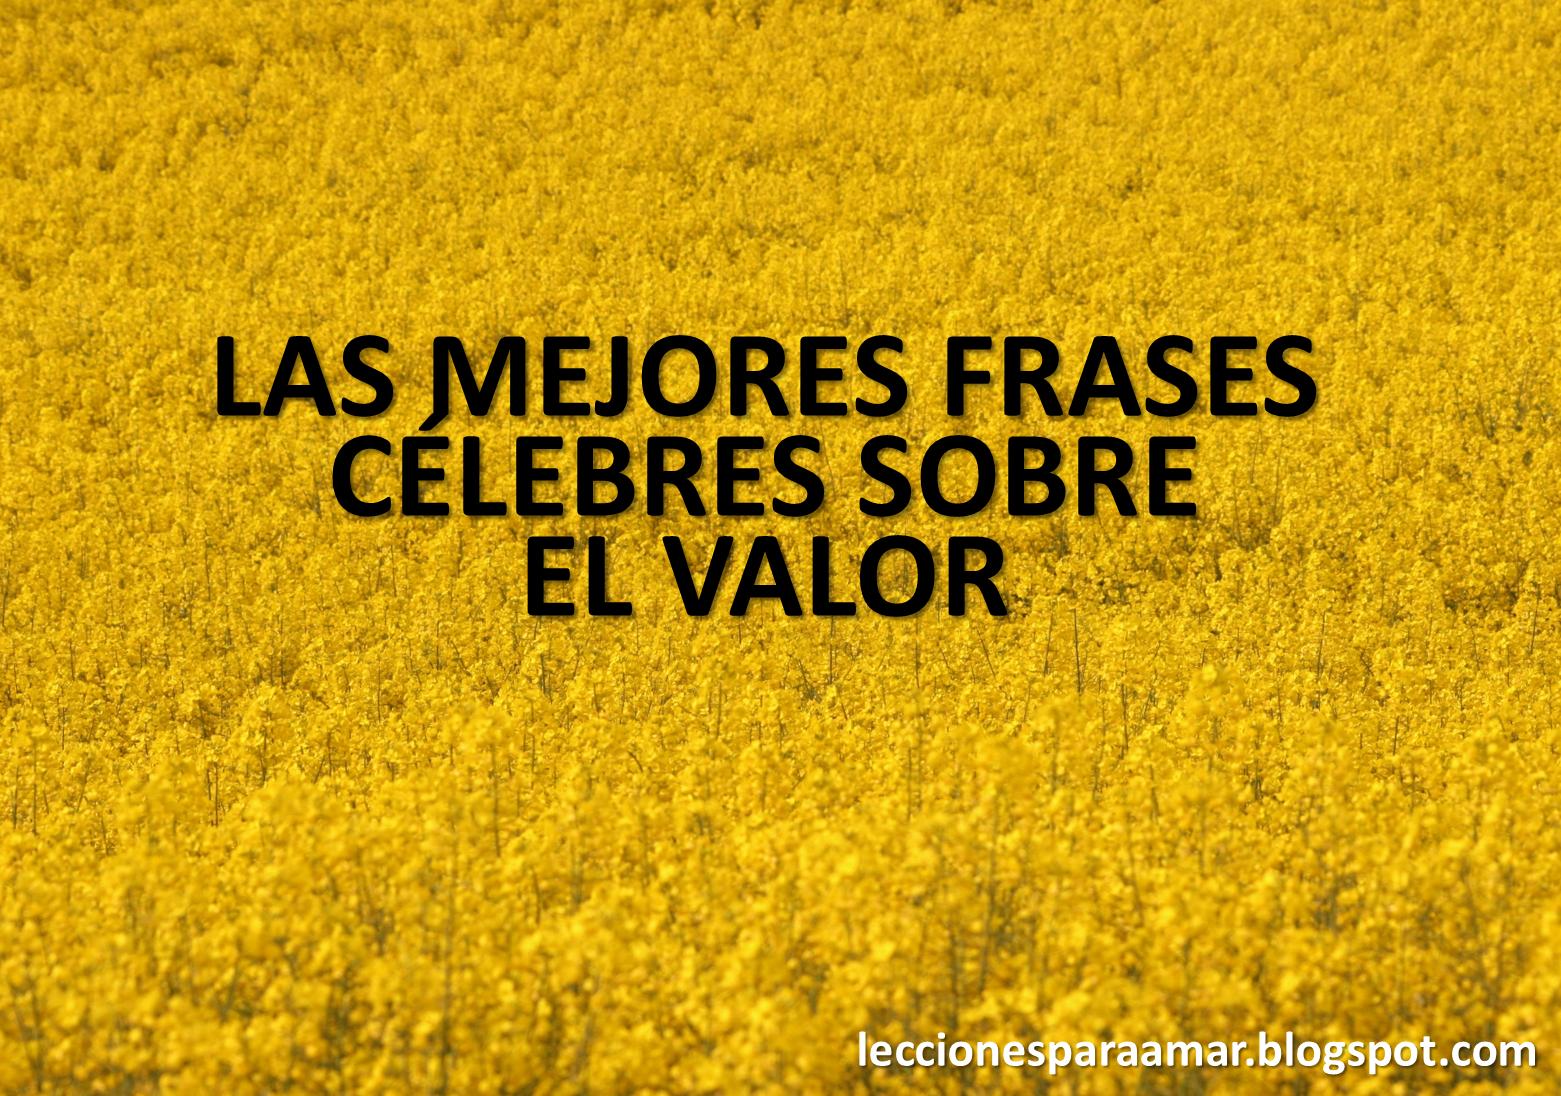 Frases De Valor: Lecciones Para Amar: Frases Célebres Sobre El Valor